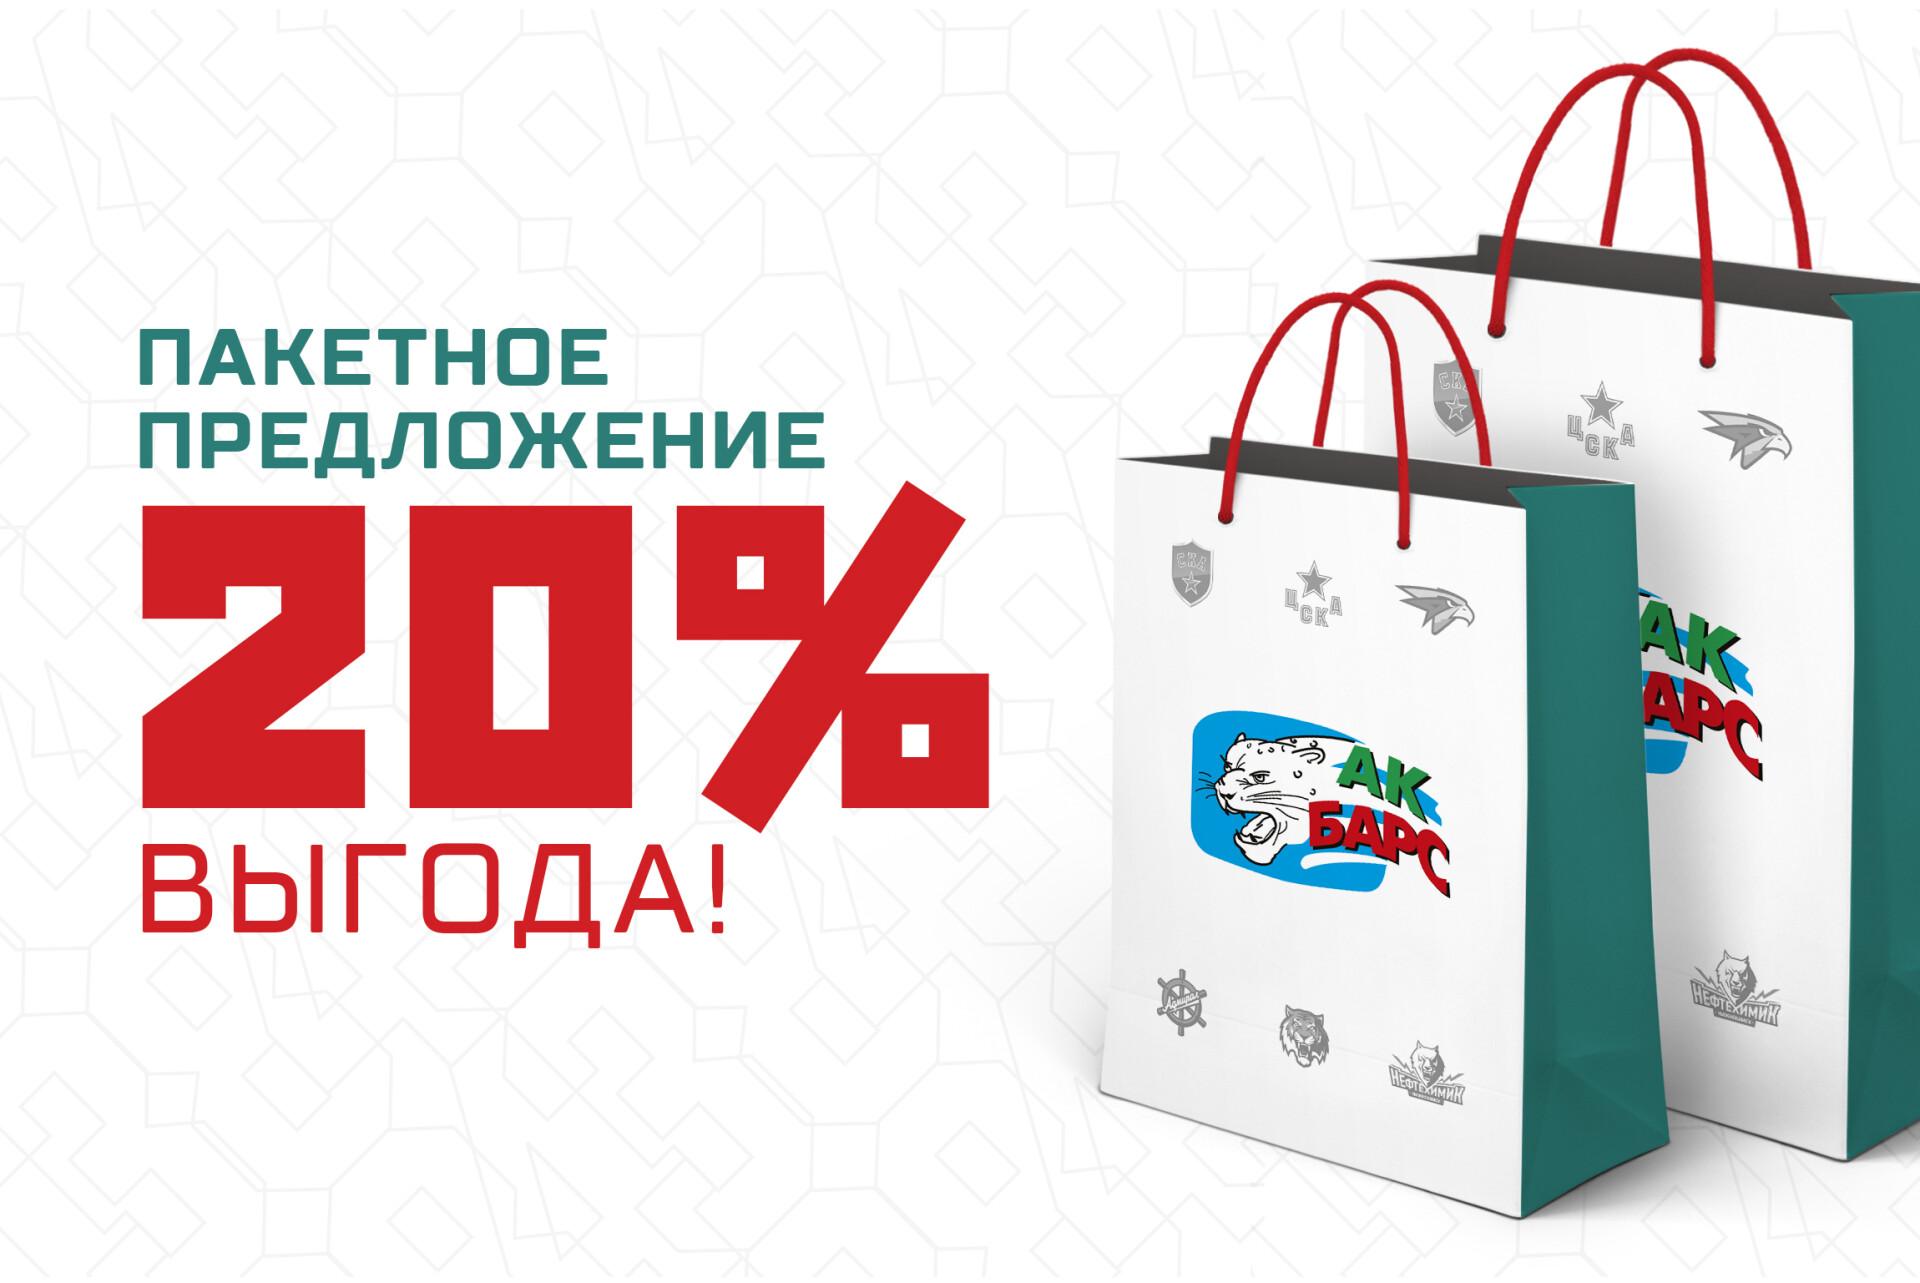 Пакетное предложение «Ак Барса» – скидка на билеты до 20%. 26.09.2019